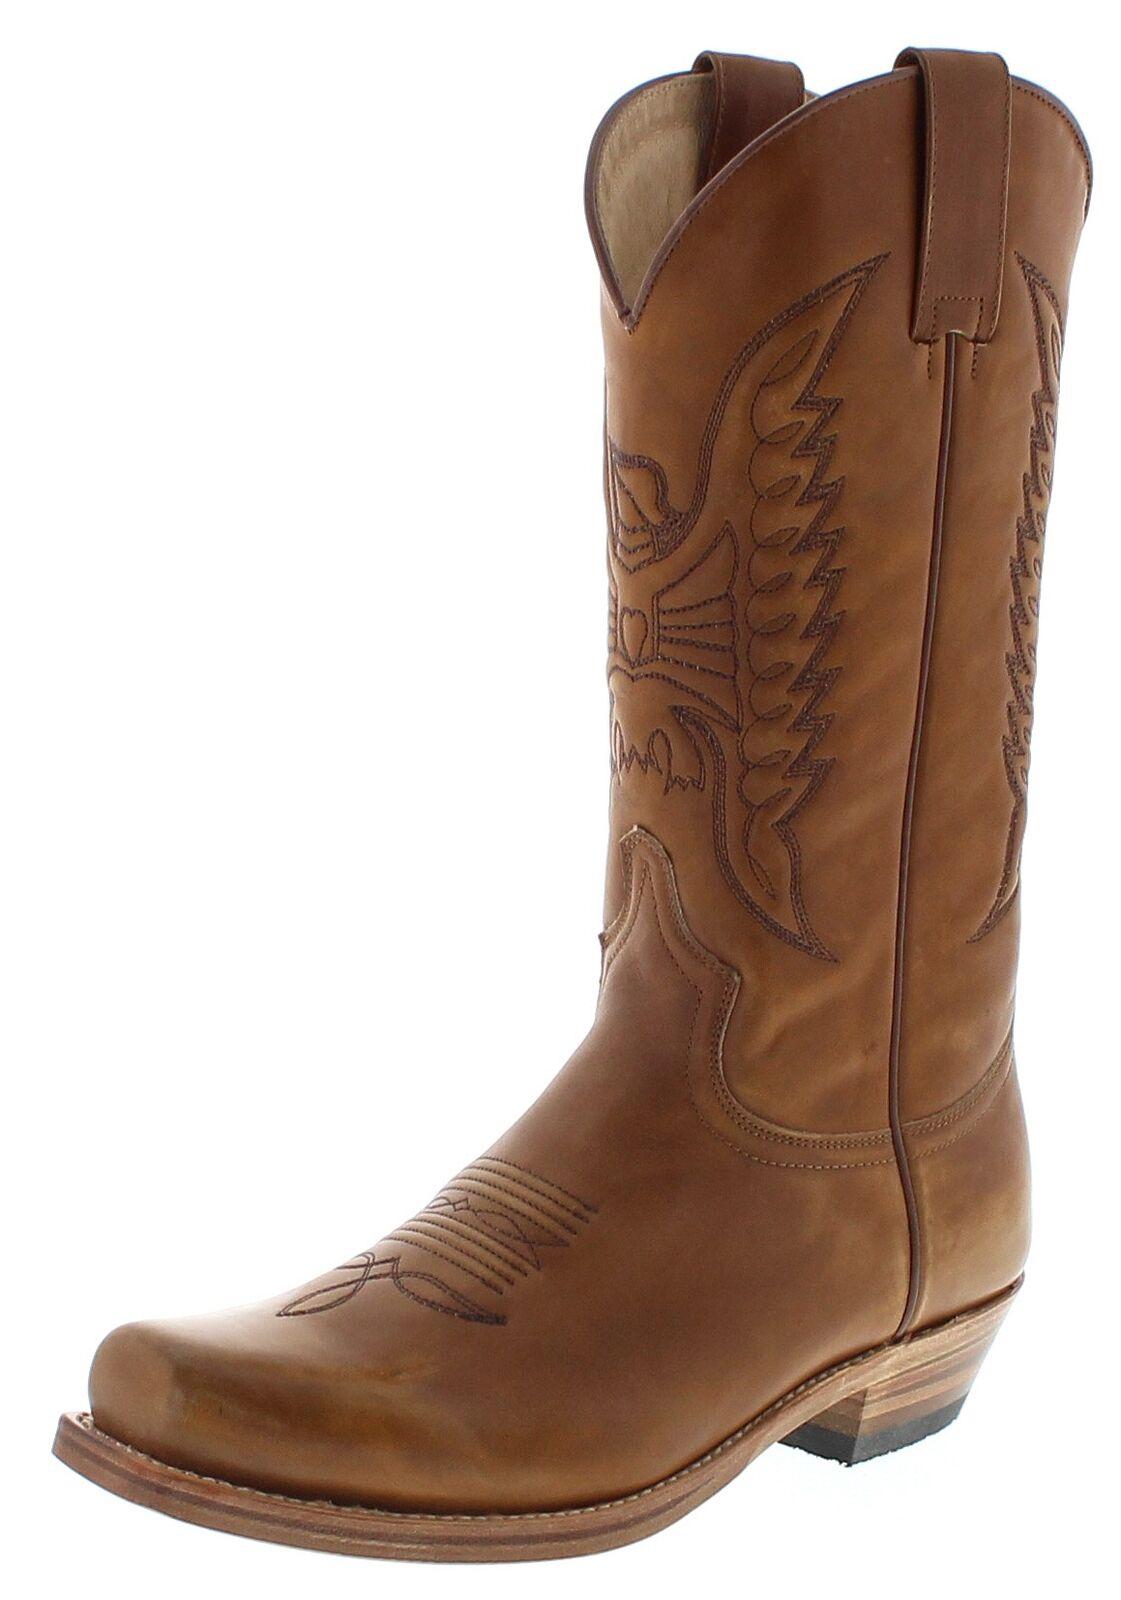 controlla il più economico Sendra stivali Stivali 2073-58 BEIGE BEIGE BEIGE Stivali Western Cowboy Stivali  risparmia il 60% di sconto e la spedizione veloce in tutto il mondo